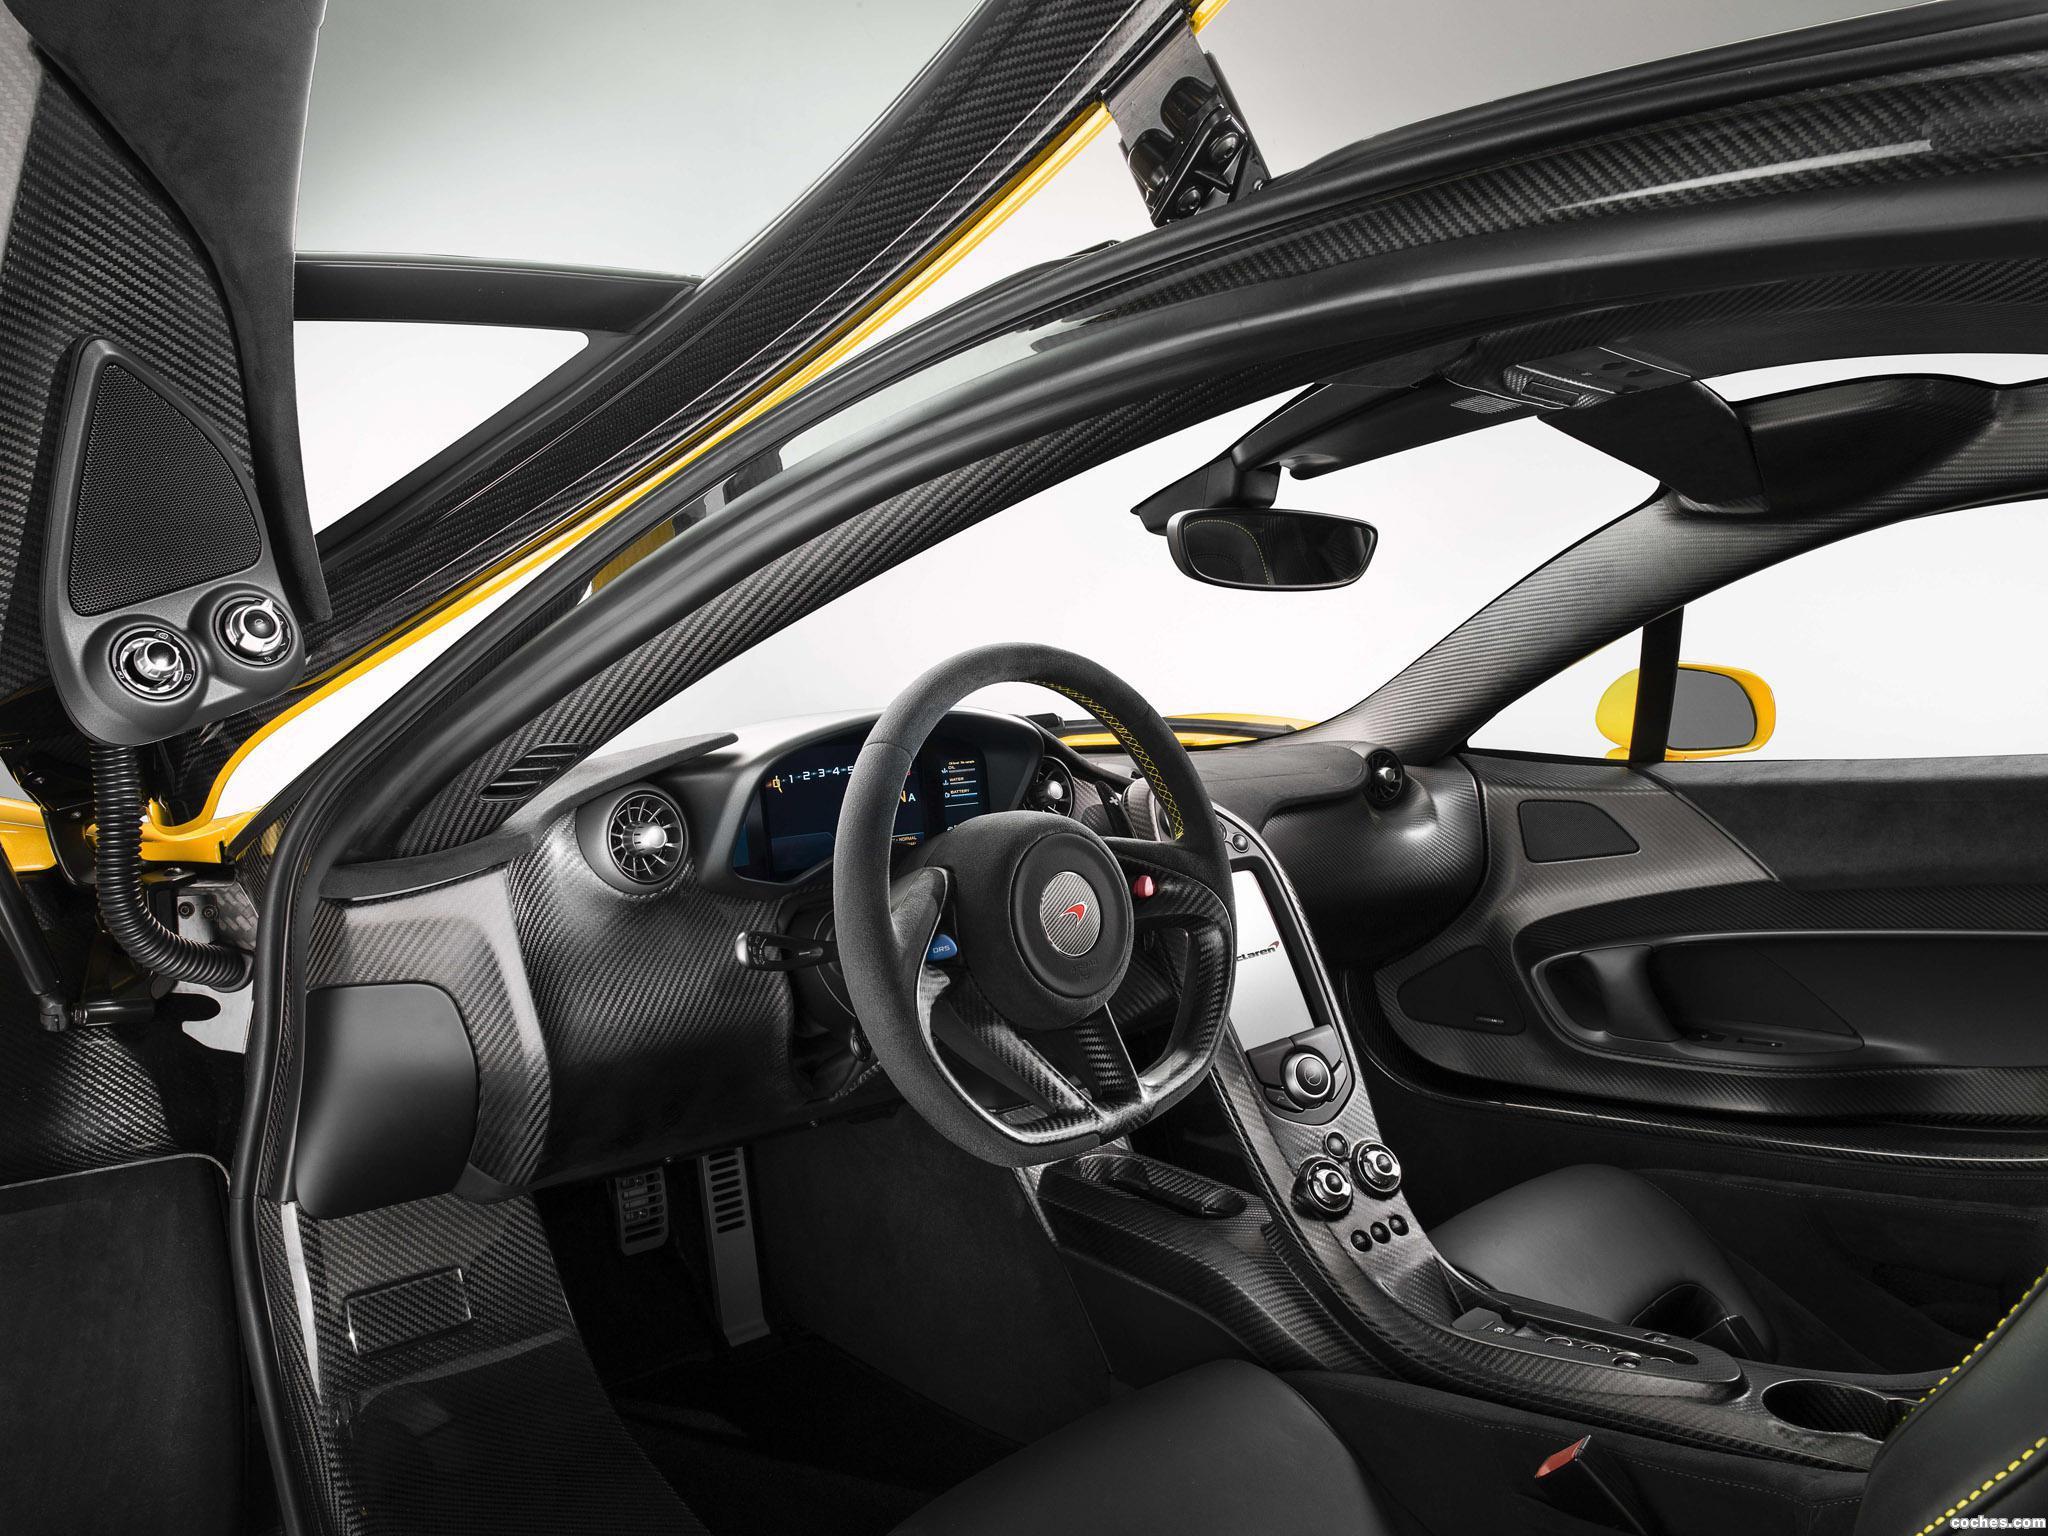 Foto 55 de McLaren P1 2013